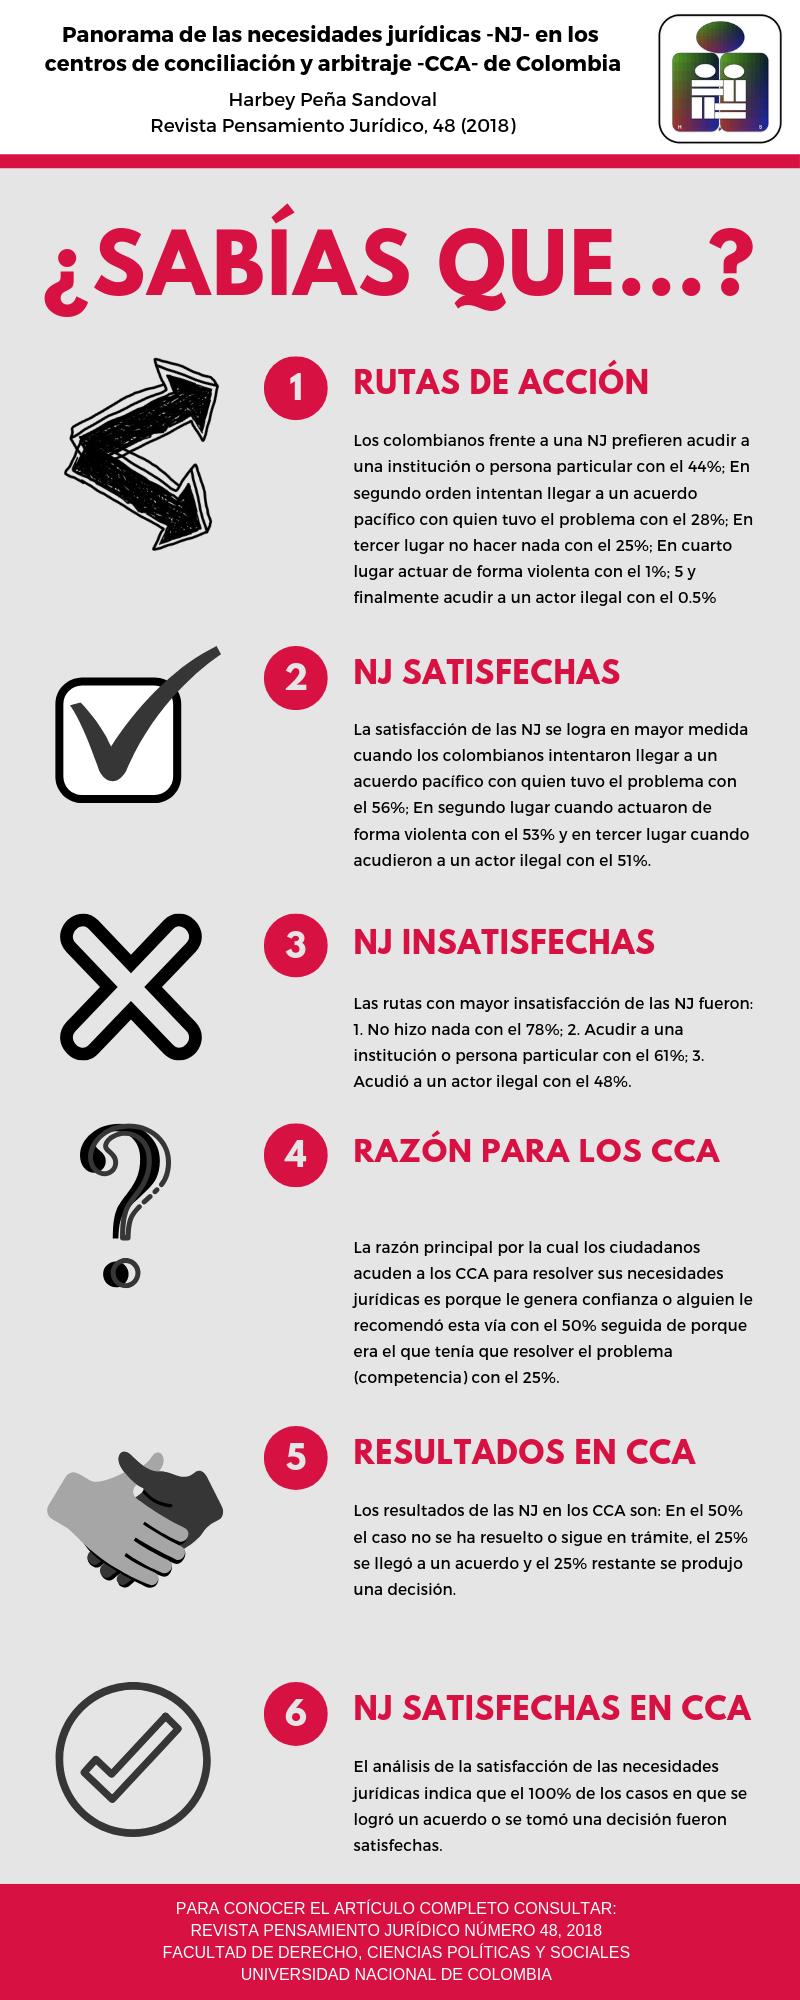 Panorama de las necesidades jurídicas en los centros de conciliación y arbitraje -segundaparte-